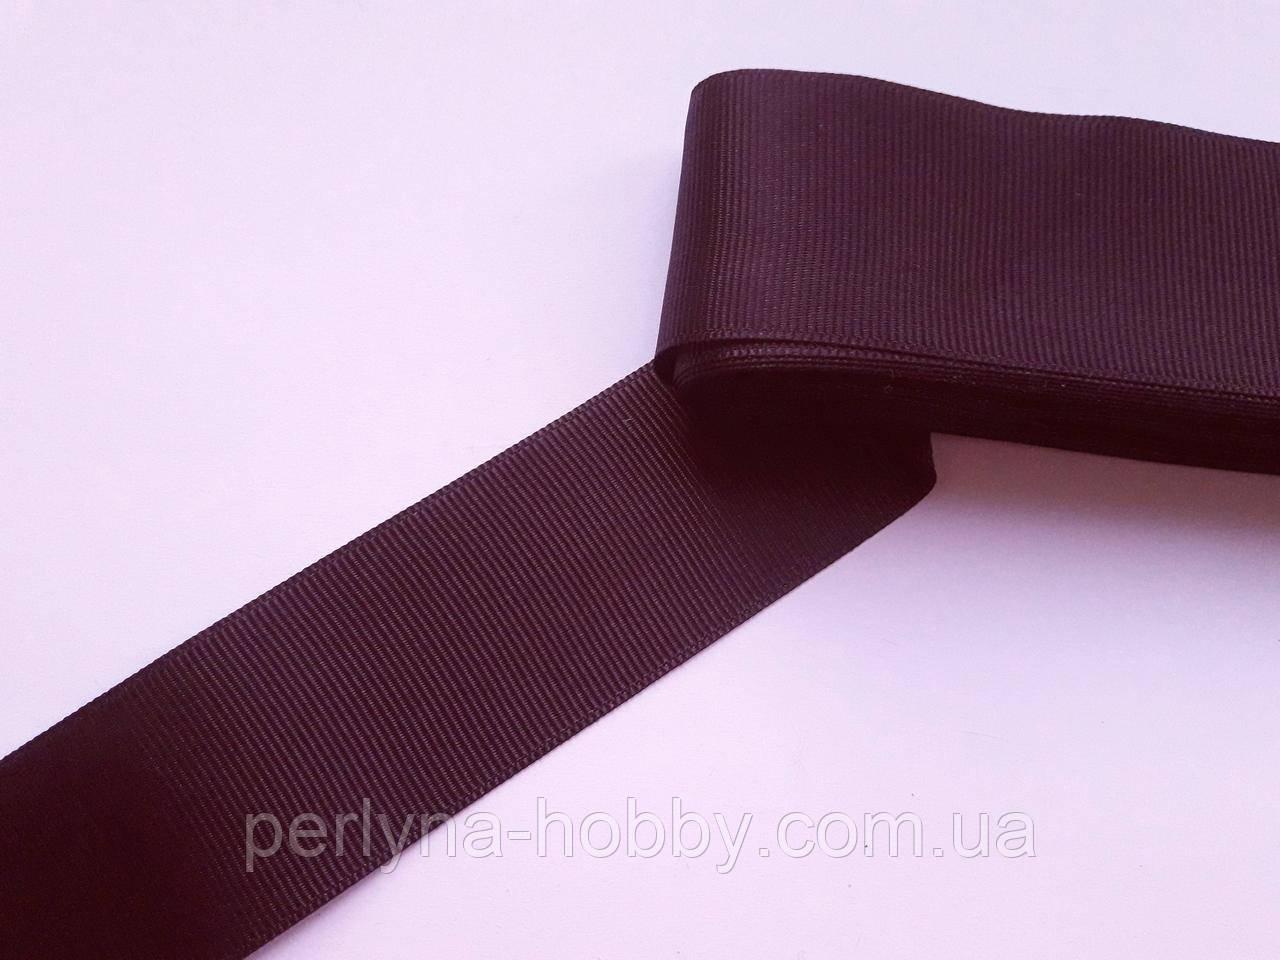 Тесьма лента репсовая широкая Стрічка репсова 4 см 40 мм, темно-фіолетова, сливова №39. Туреччина